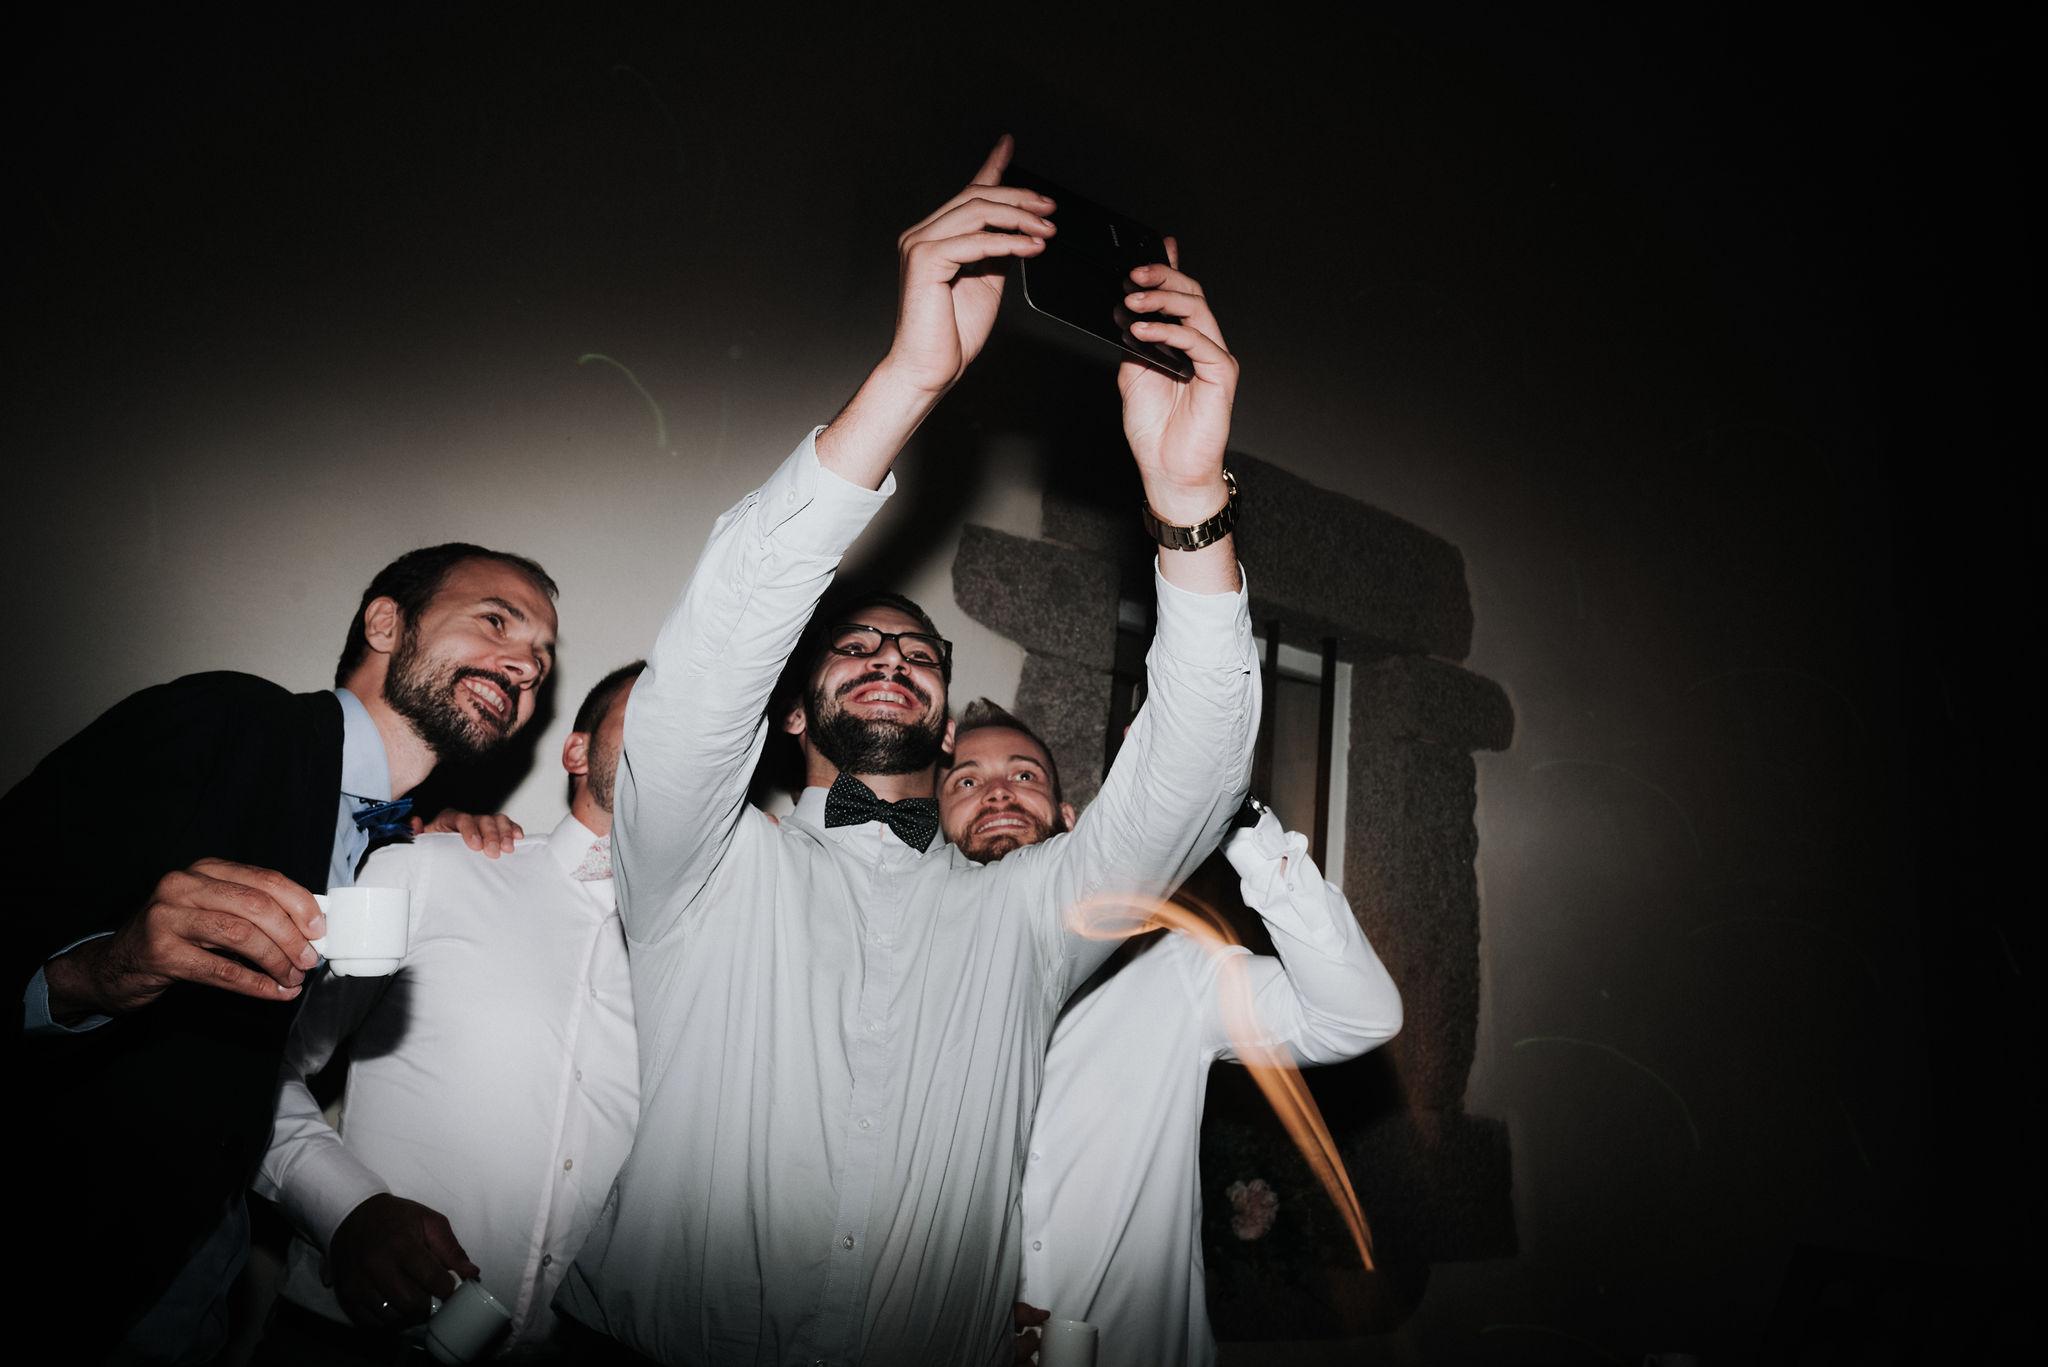 Léa-Fery-photographe-professionnel-lyon-rhone-alpes-portrait-creation-mariage-evenement-evenementiel-famille--278.jpg